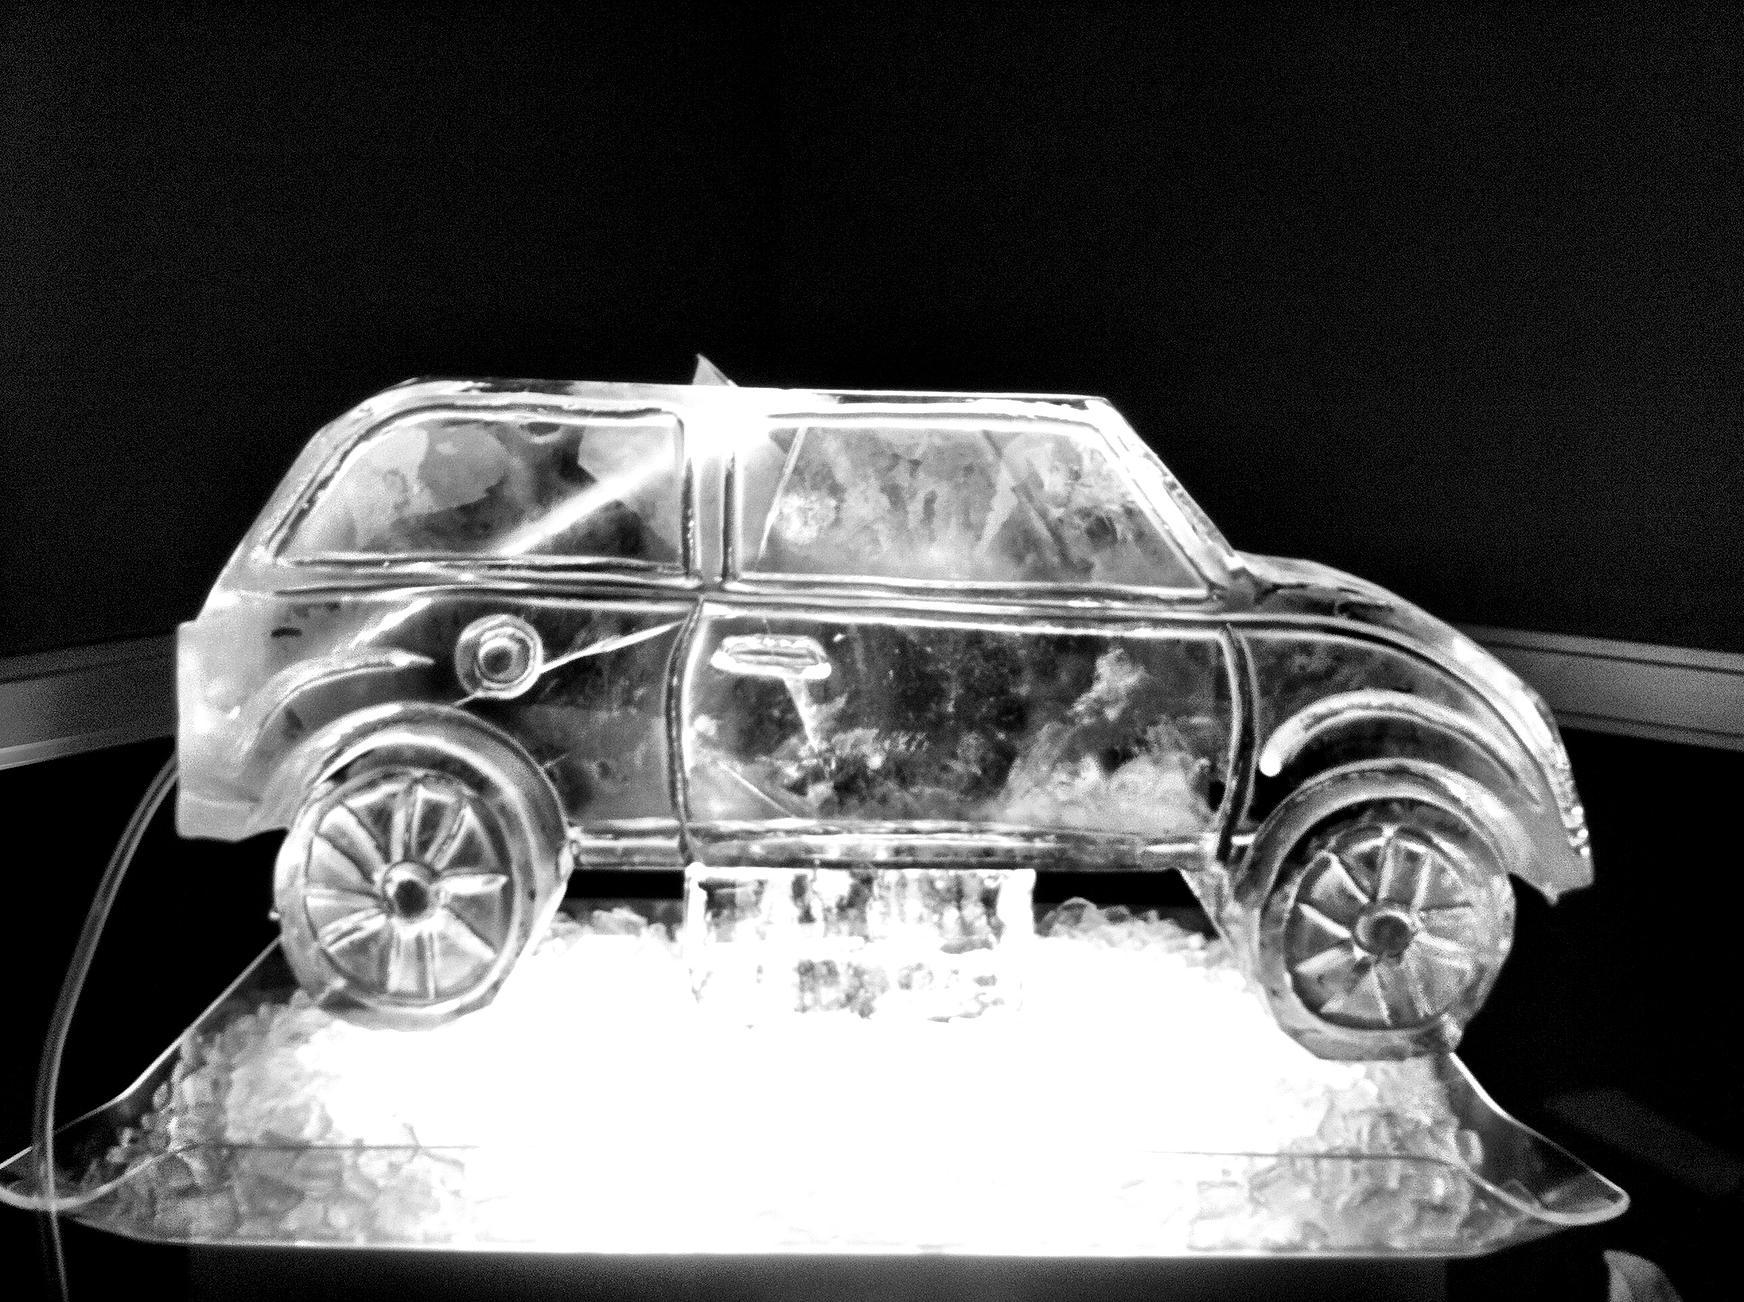 Mini cooper ice sculpture